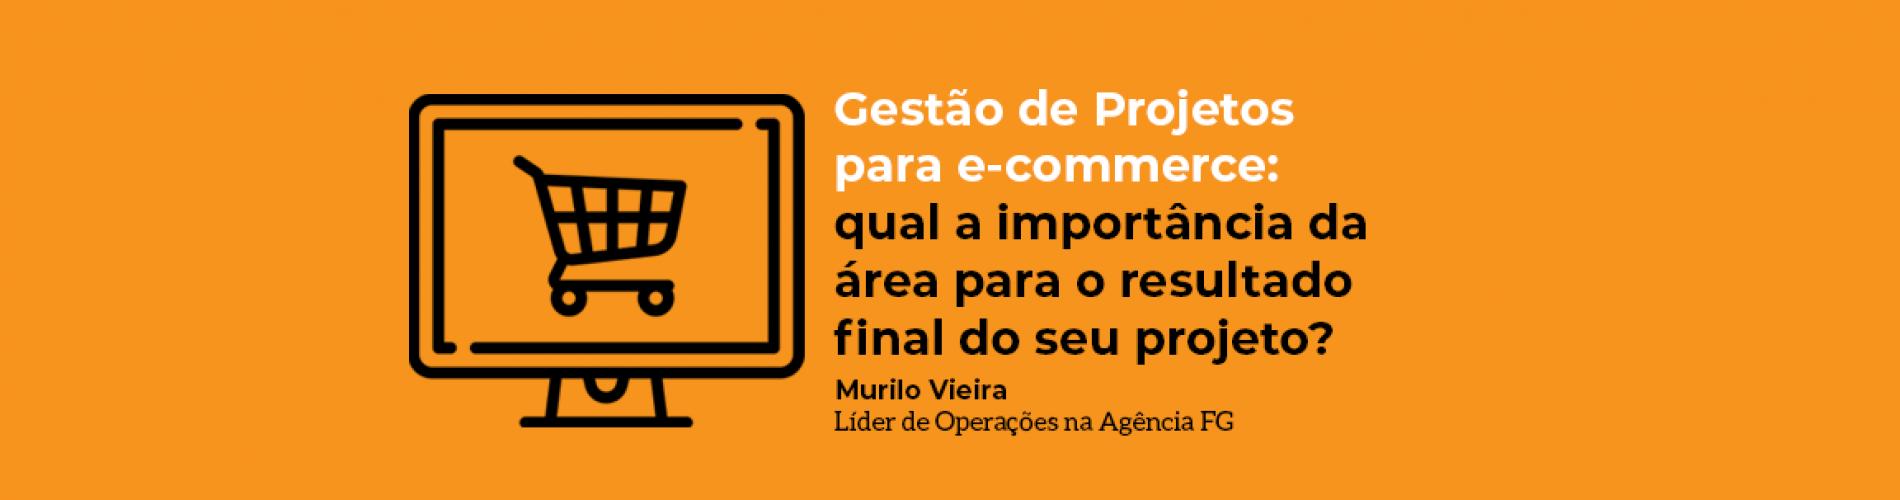 gestao-de-projetos-para-e-commerce-qual-a-importancia-da-area-para-o-resultado-final-do-seu-projeto